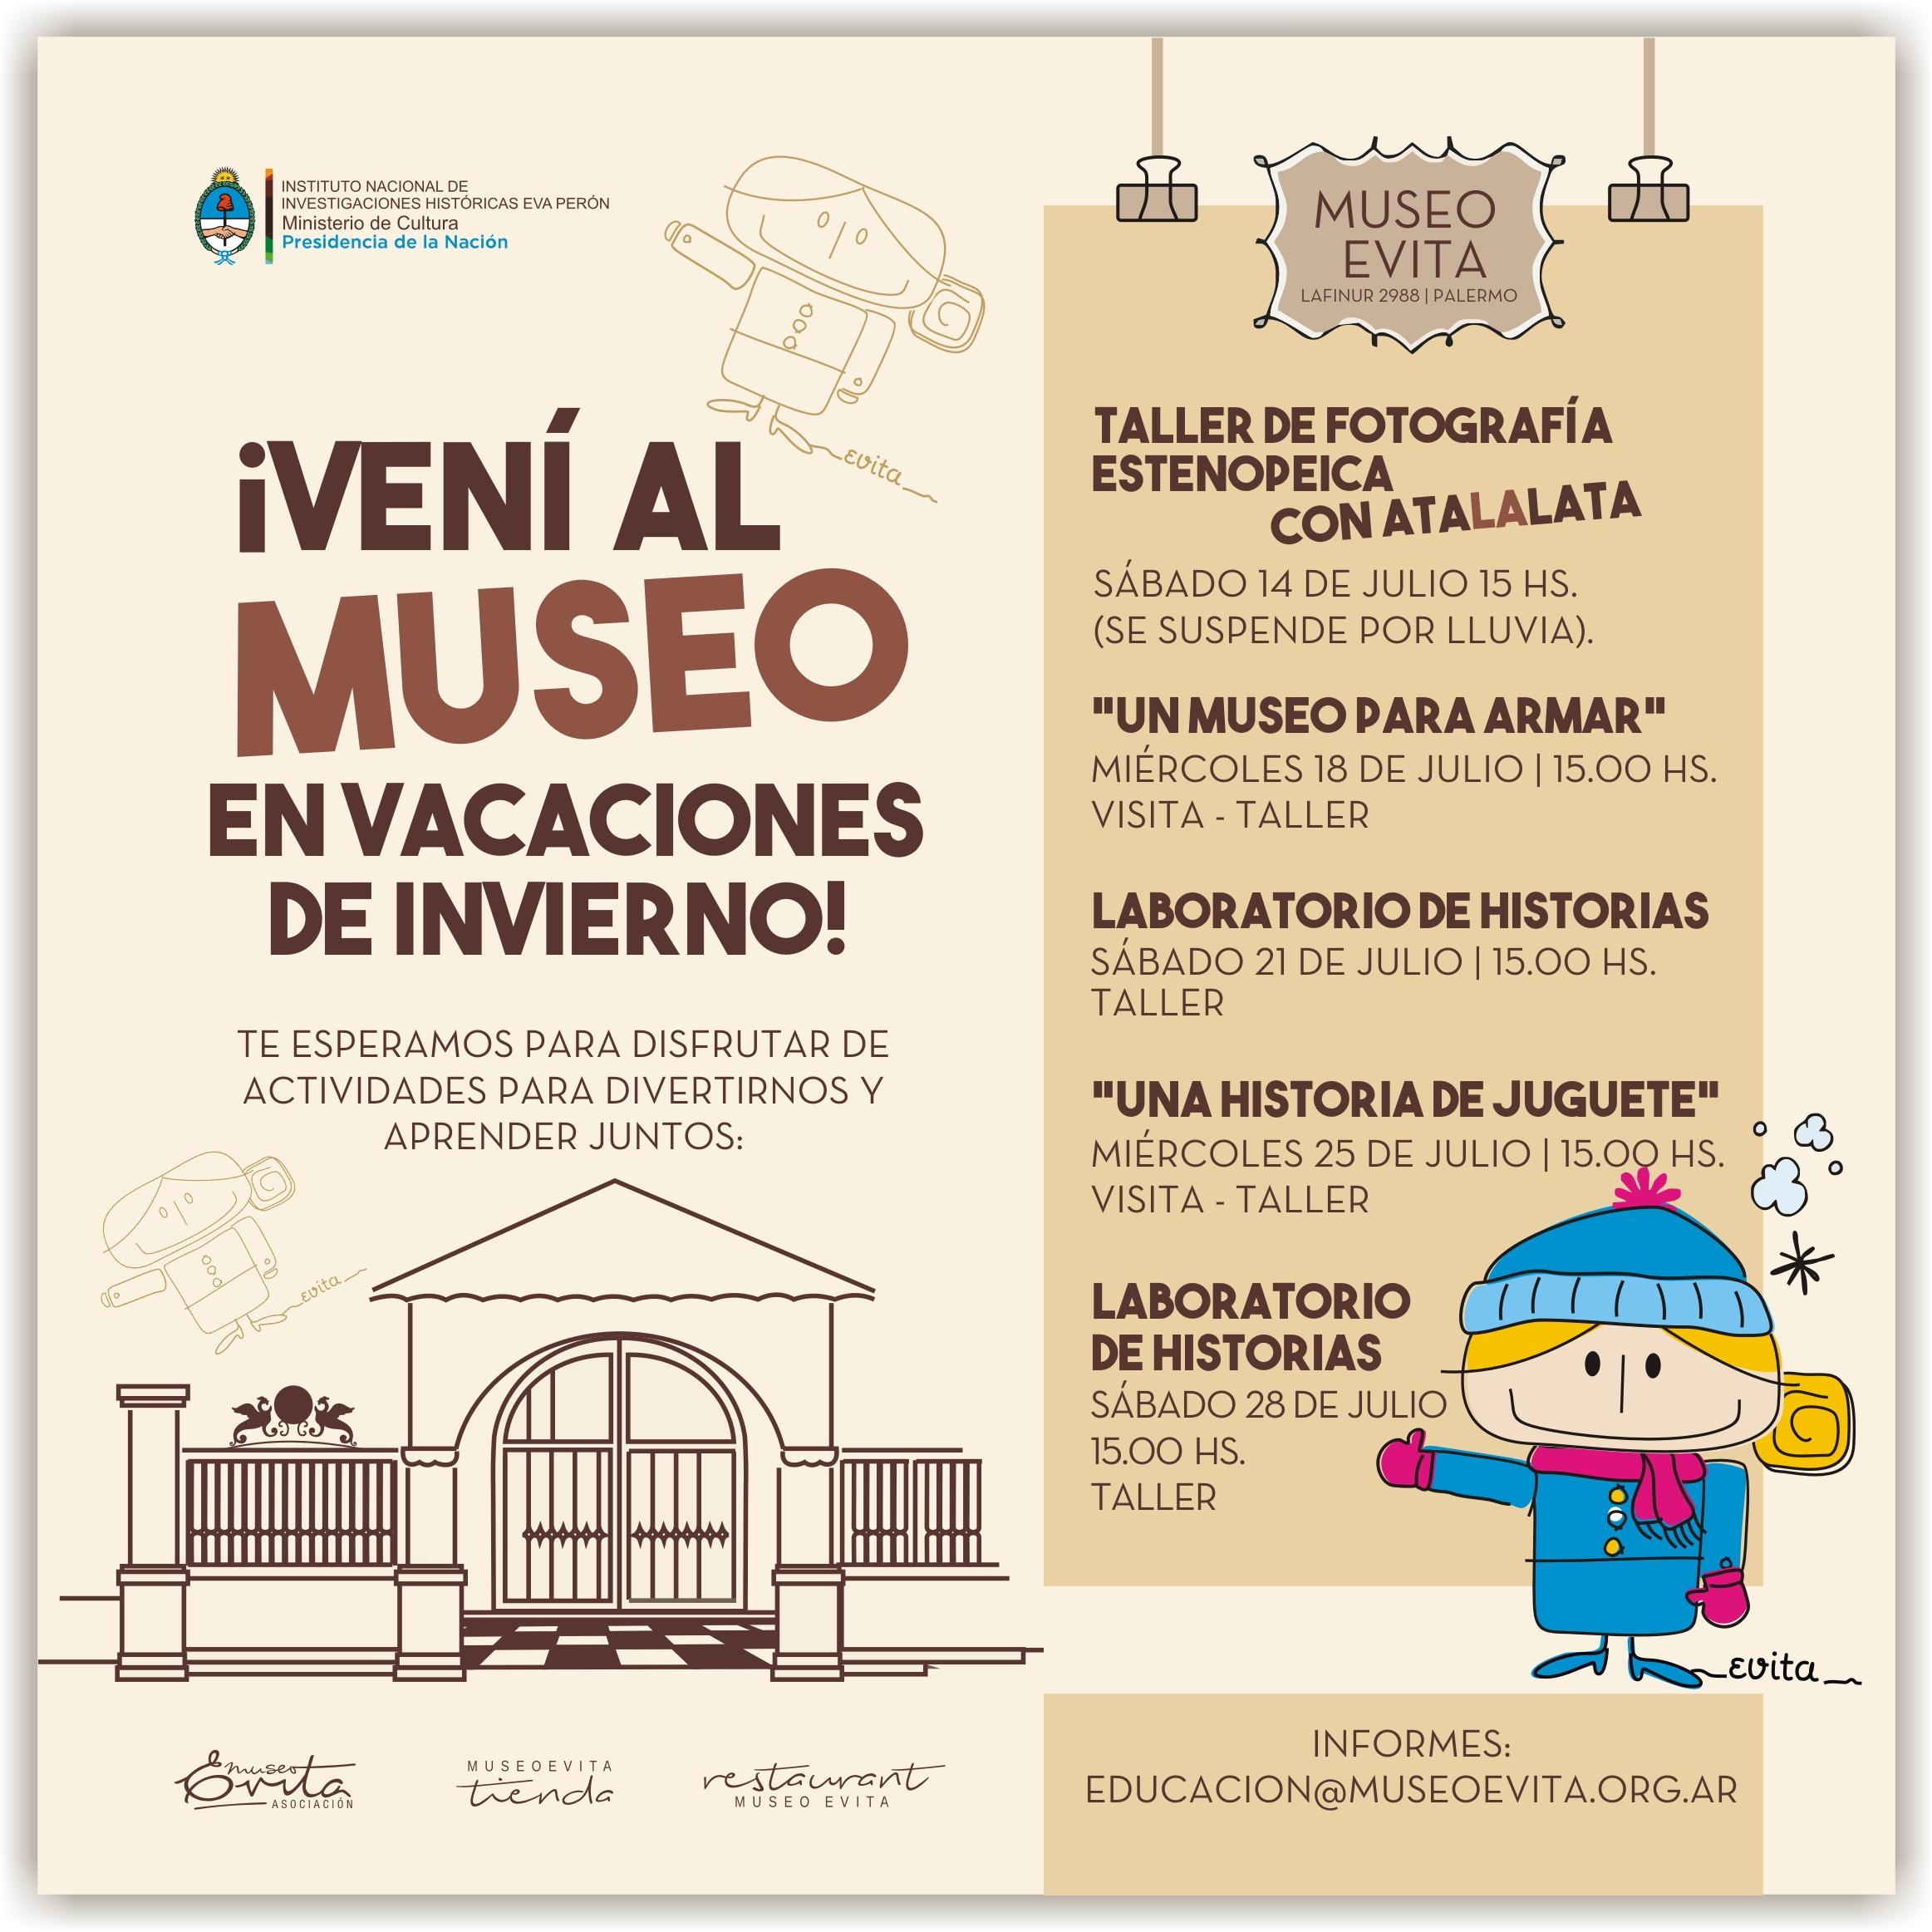 ¡Vení al Museo en vacaciones de invierno!